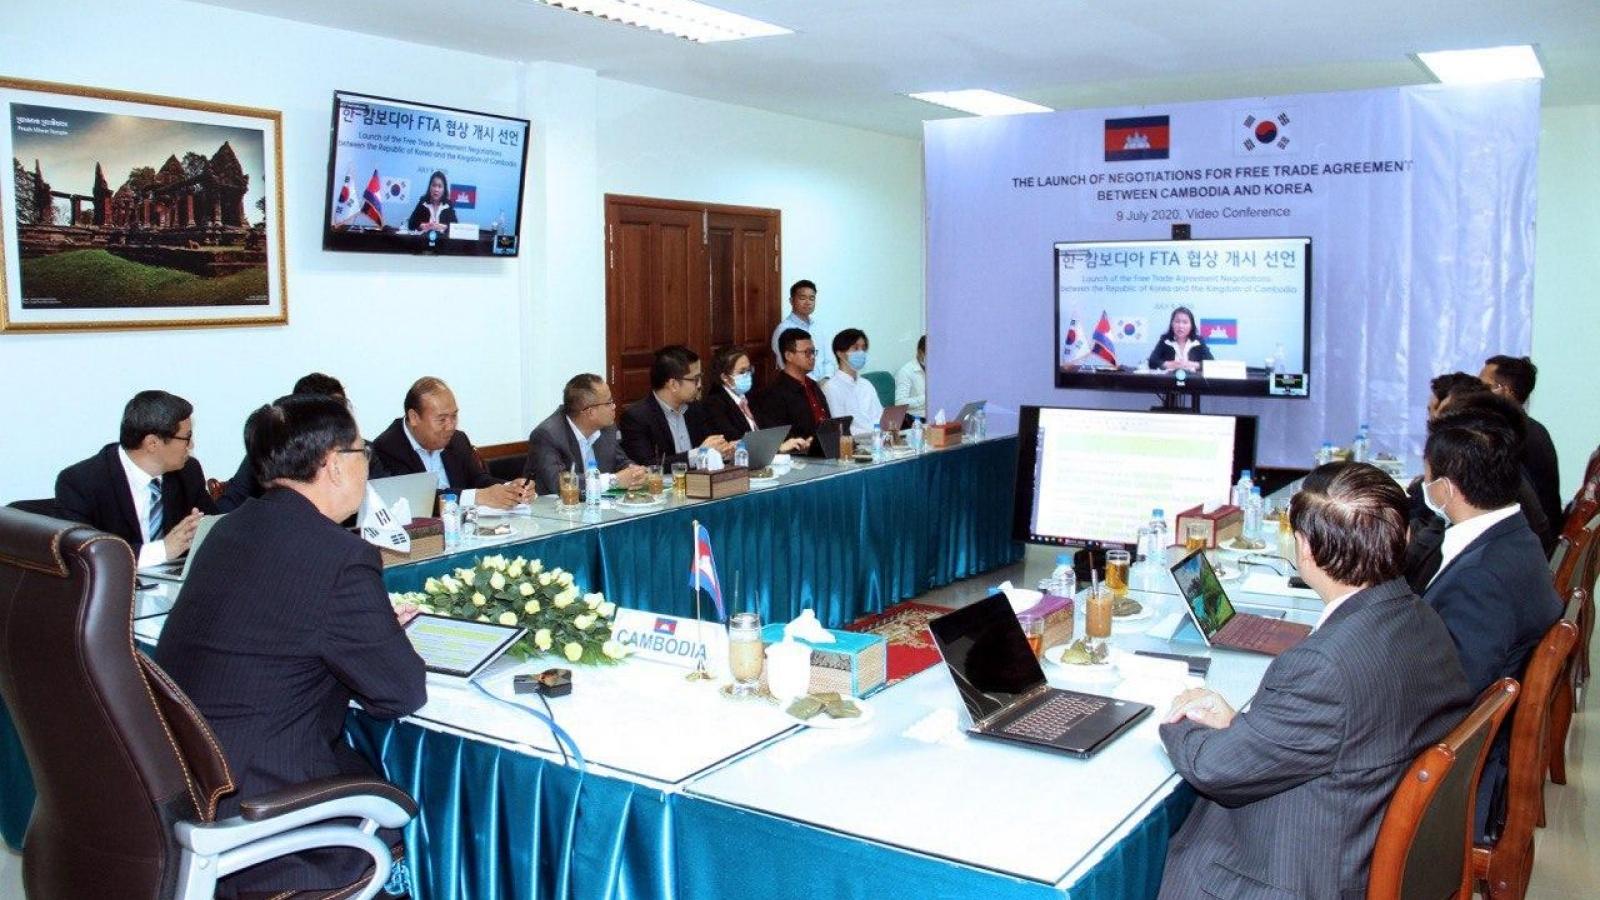 Campuchia – Hàn Quốc khởi động đàm phán Hiệp định thương mại tự do